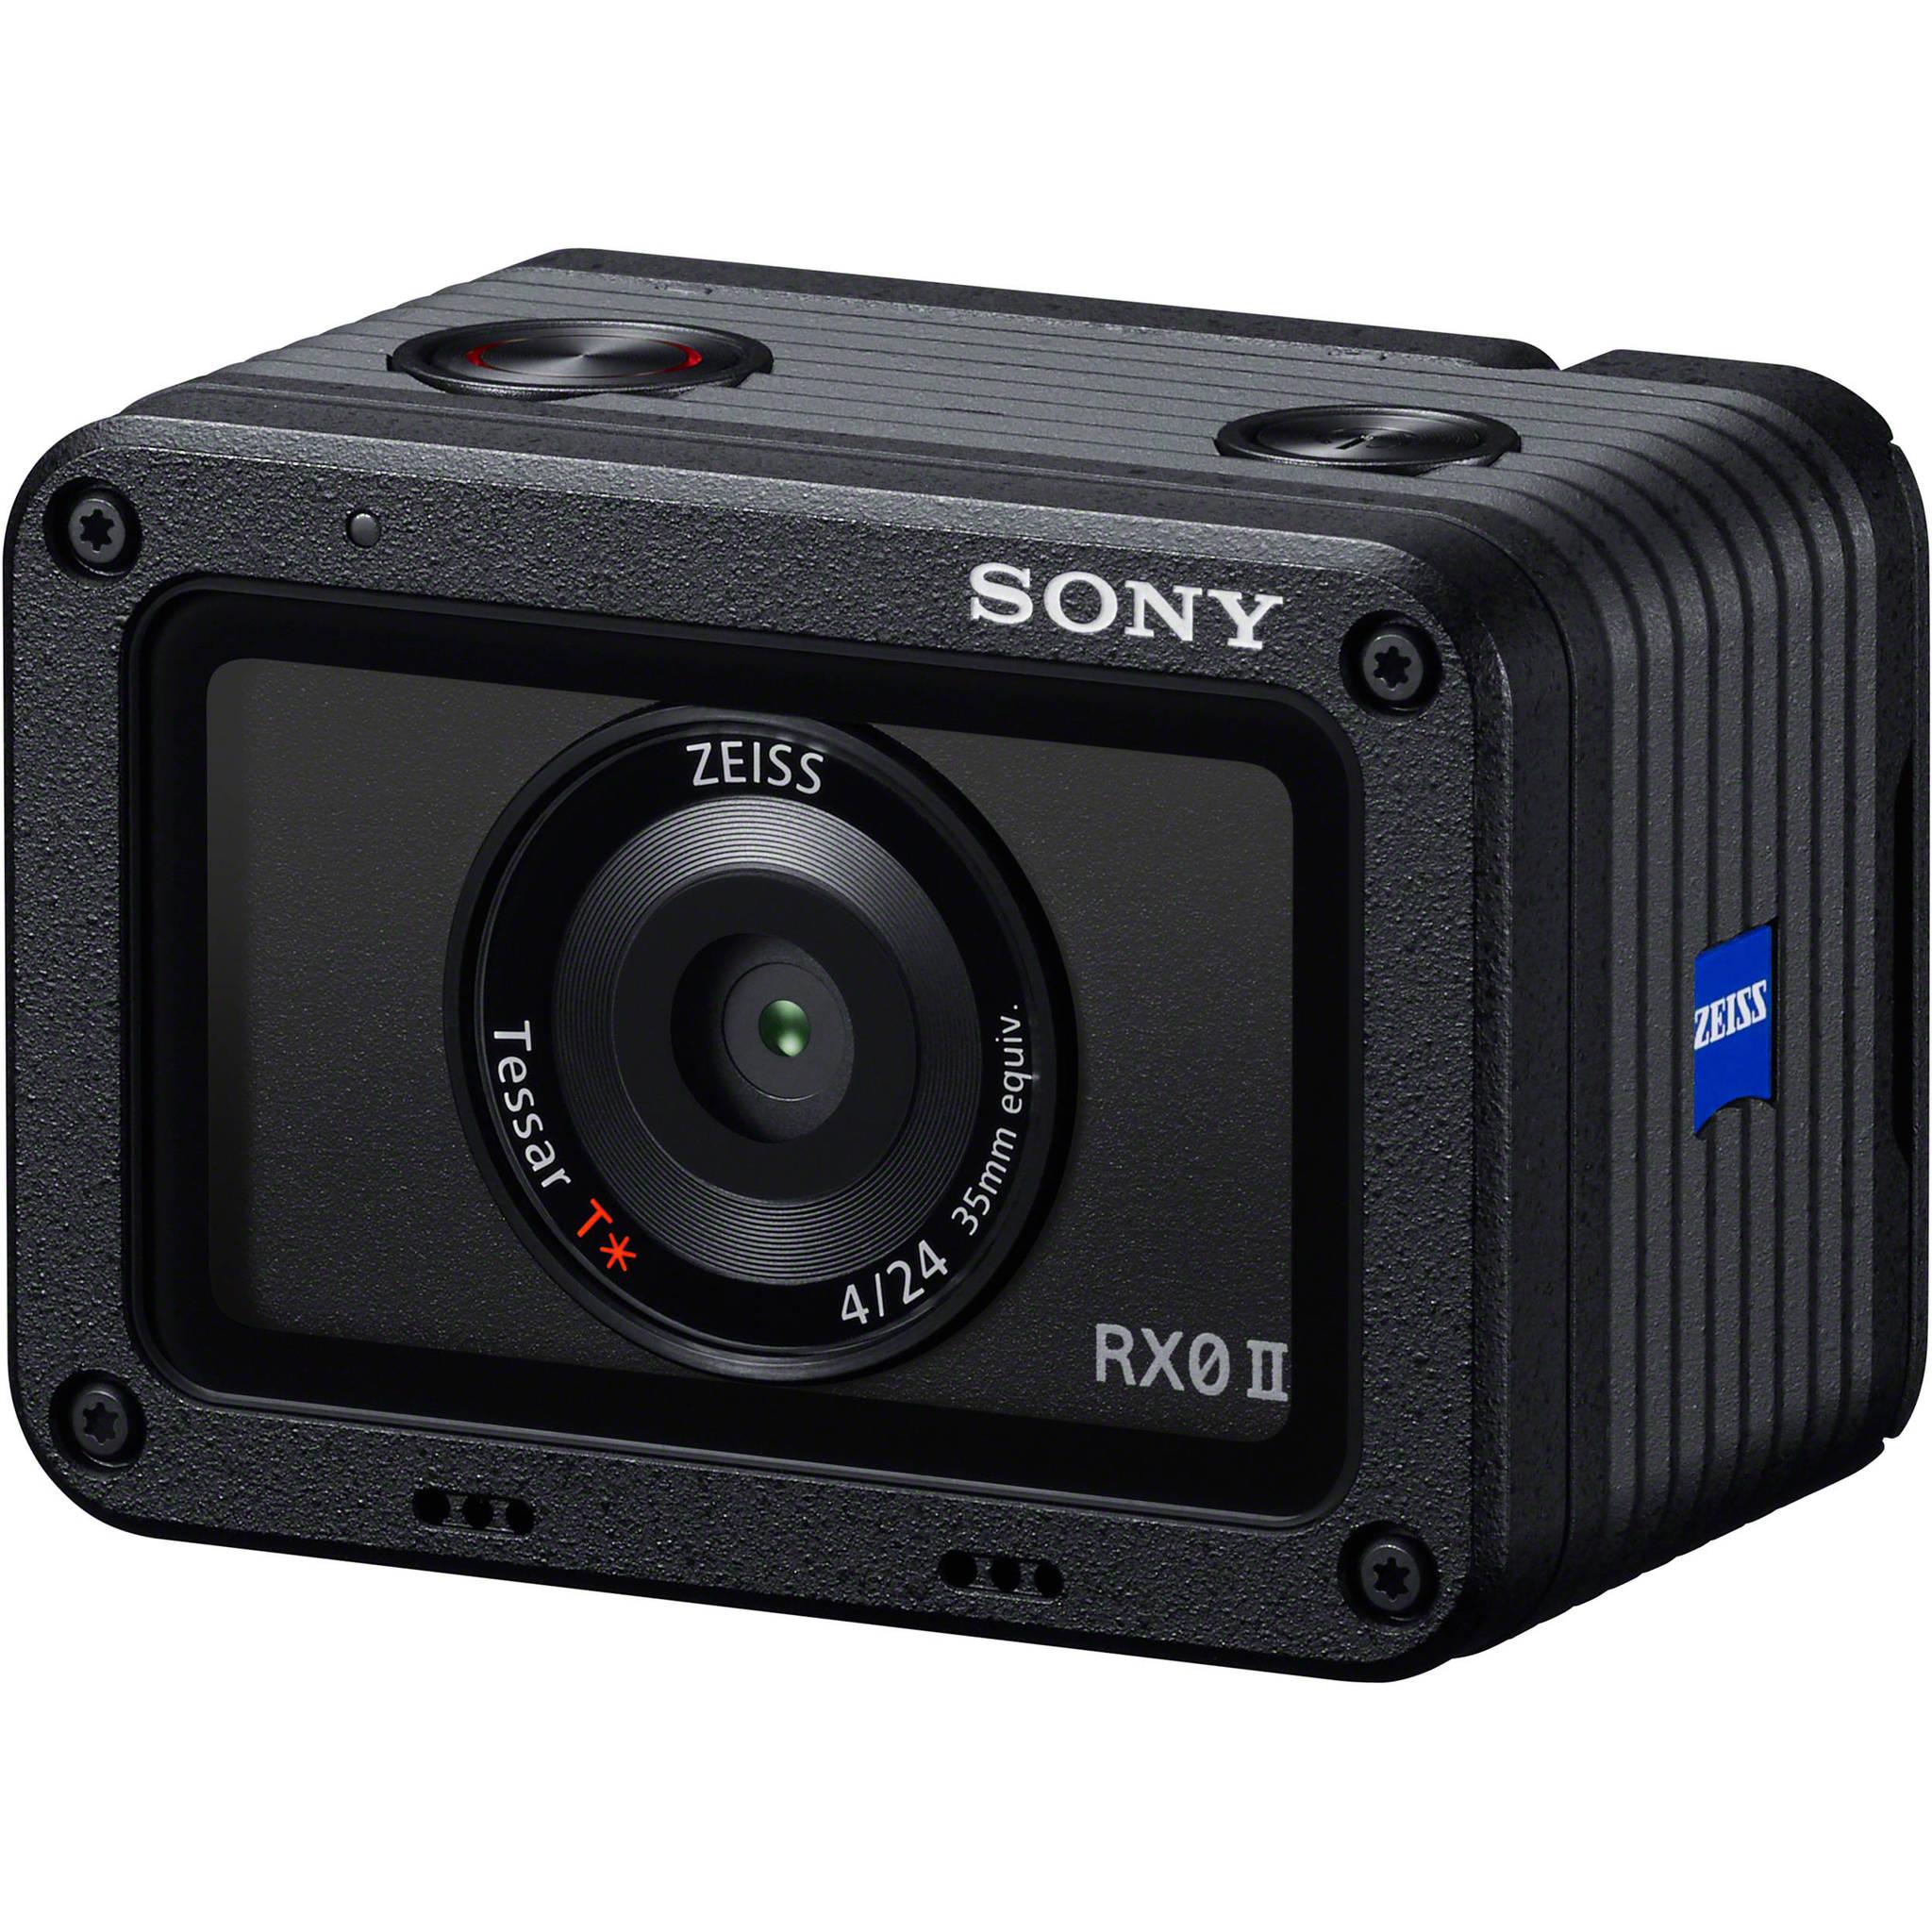 Sony RX0 II купить в Sony Centre Воронеж